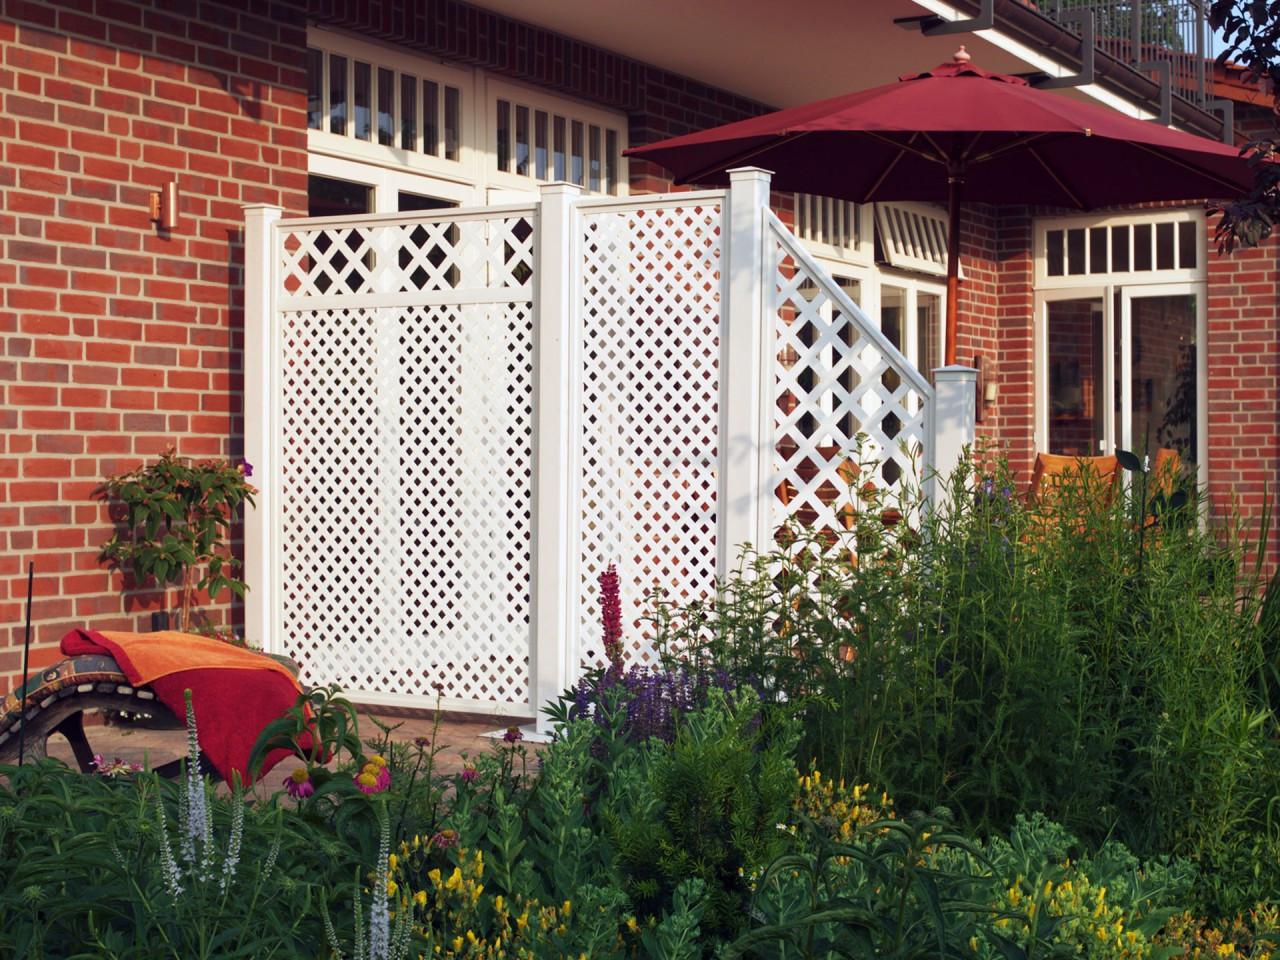 Sichtschutz Terrasse Kunststoff  Sichtschutzwände & Sichtschutzzaun Kunststoff